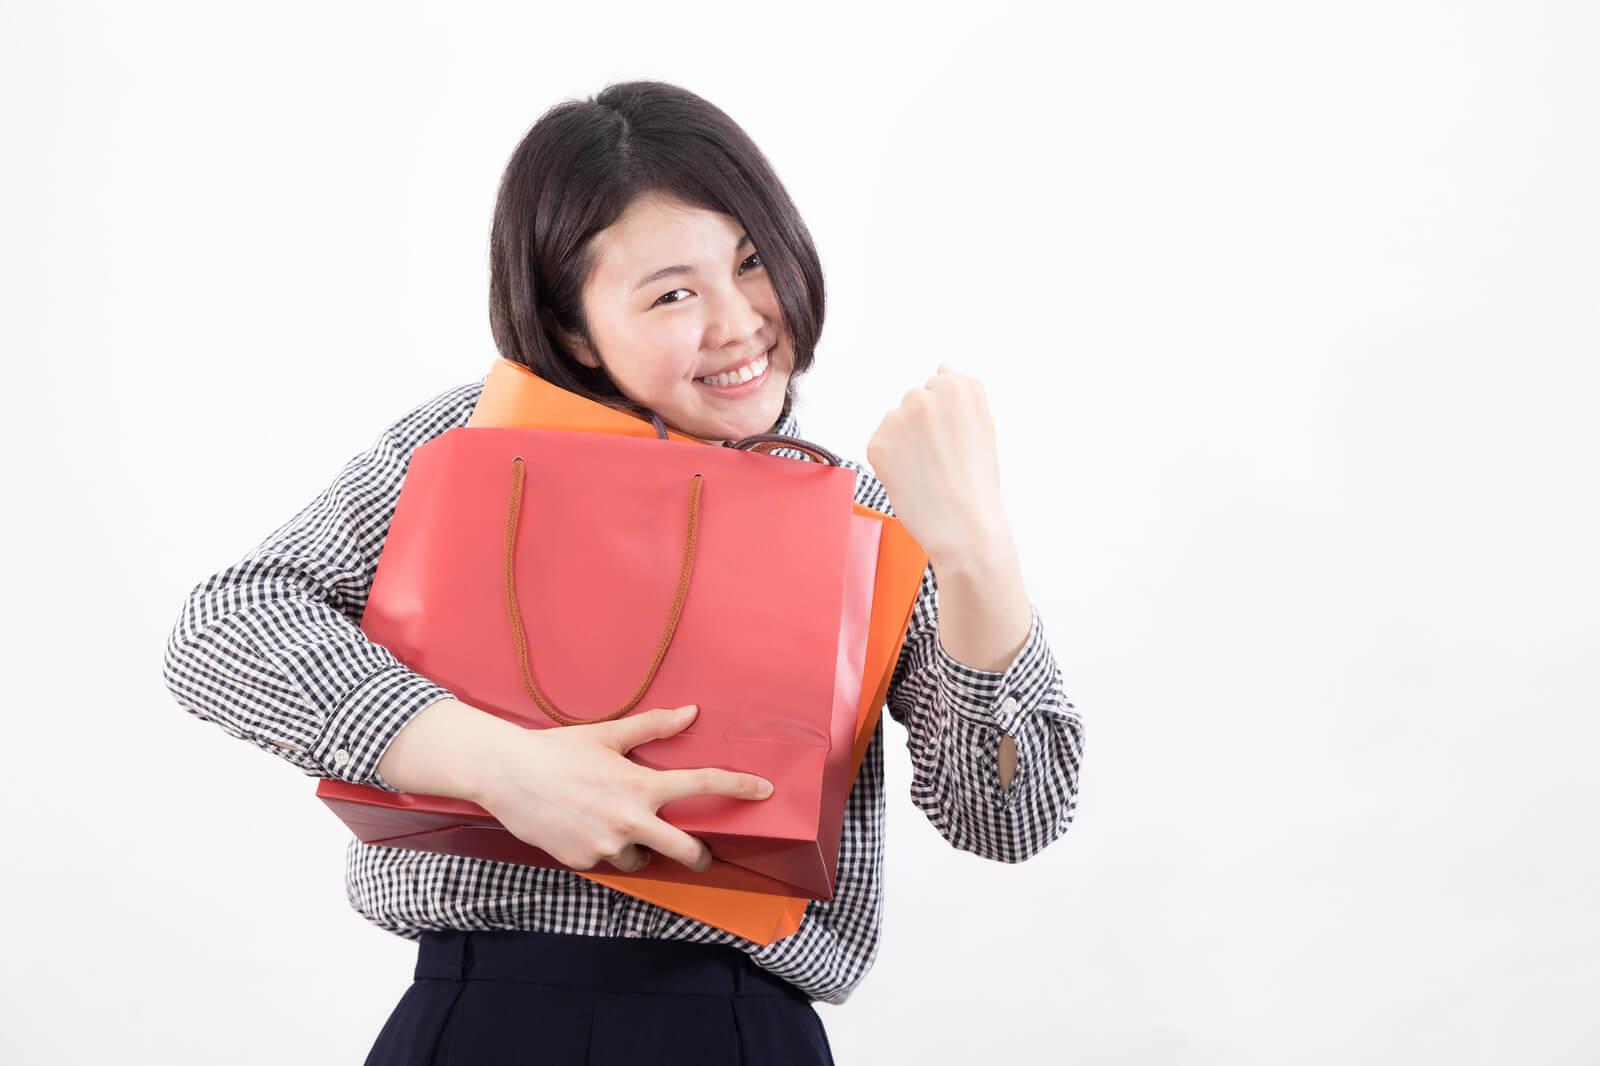 買い物袋を抱えてガッツポーズをとる女性